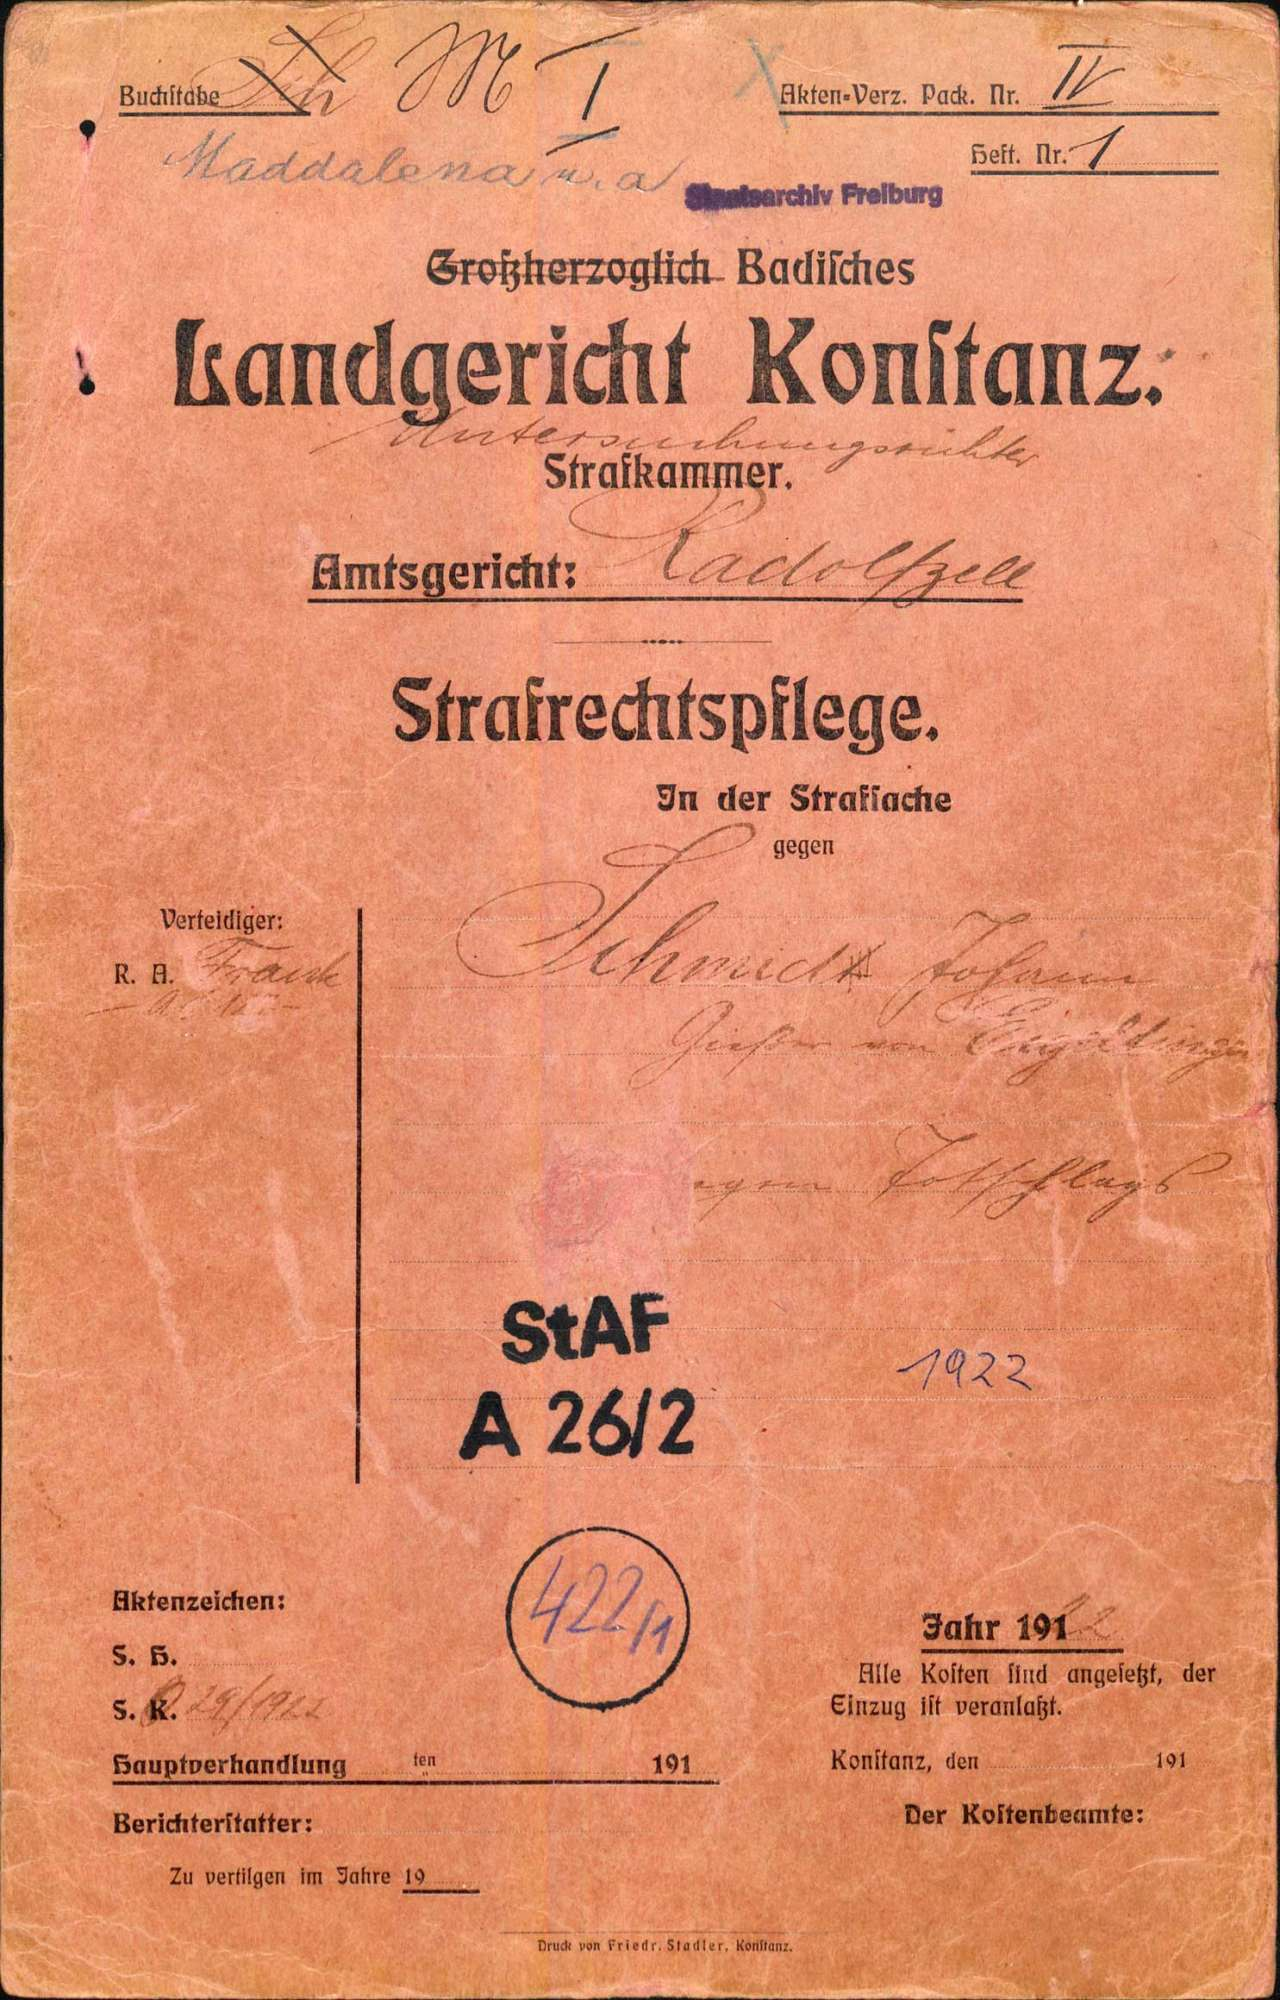 Johann Schmid, Gießer, Eigeltingen wegen Totschlags (an Major Scherer, Singen, im Anschluss an eine Demonstration wegen des Rathenau-Mordes), Bild 1